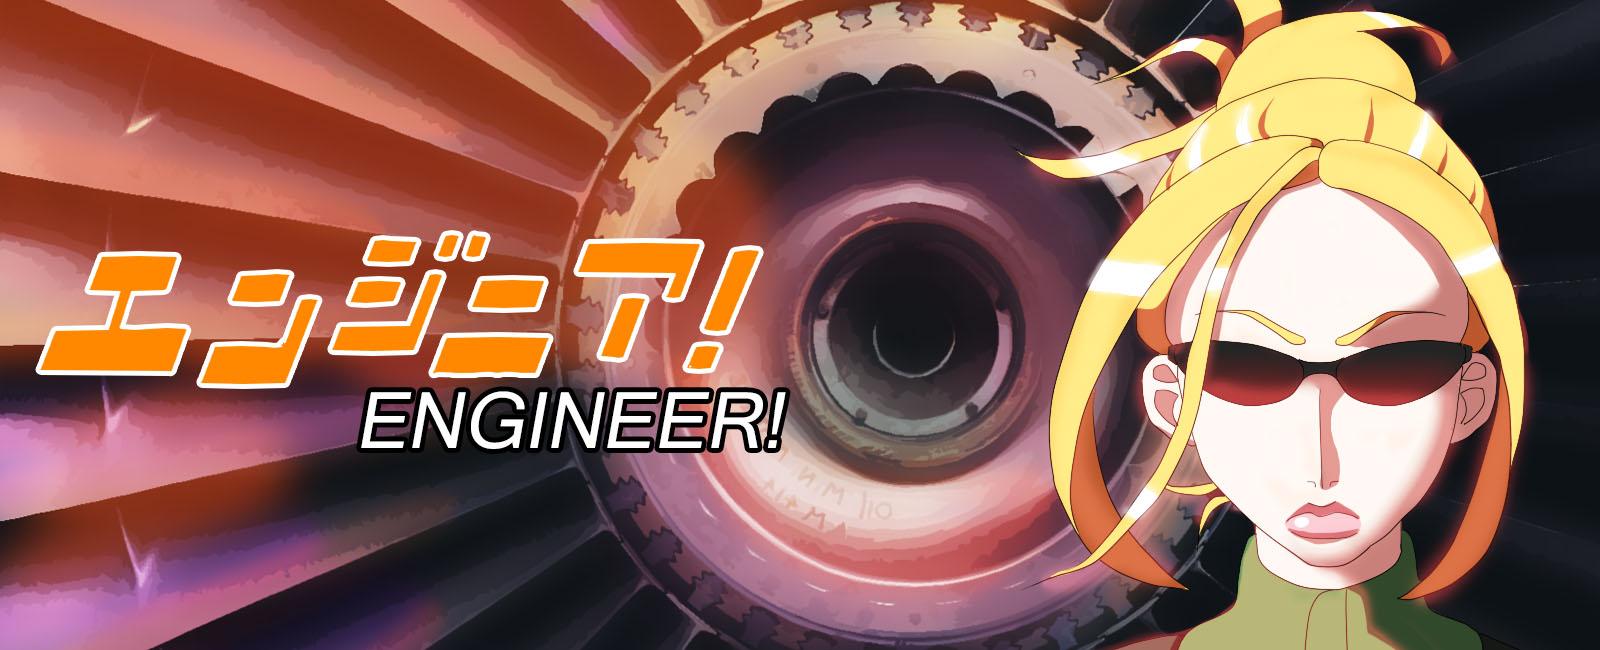 マンガ「エンジニア!」ウィル教授